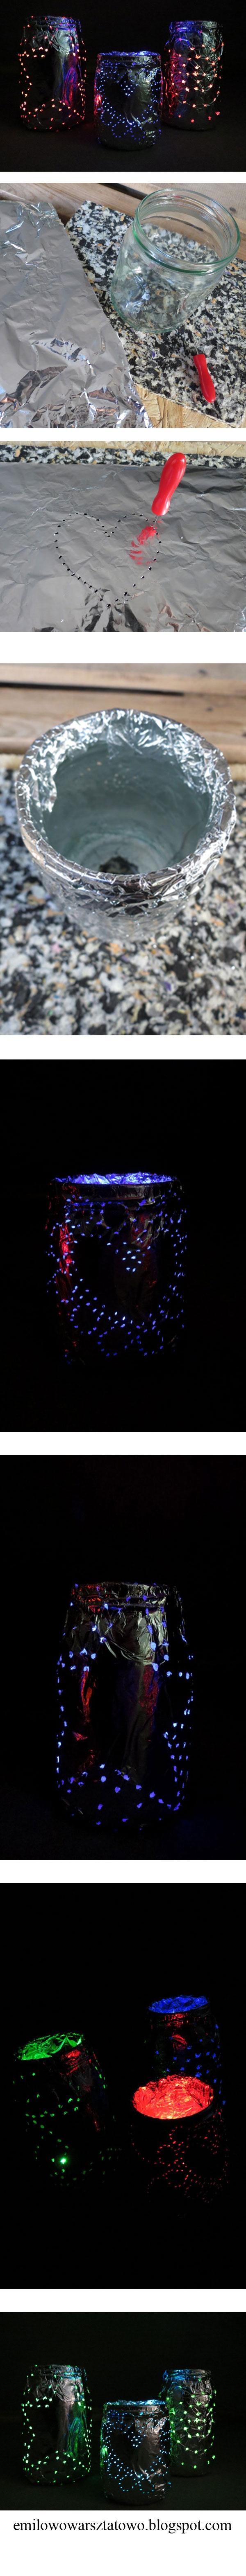 http://www.emilowowarsztatowo.blogspot.com/2012/11/lampiony-dziurkowane.html